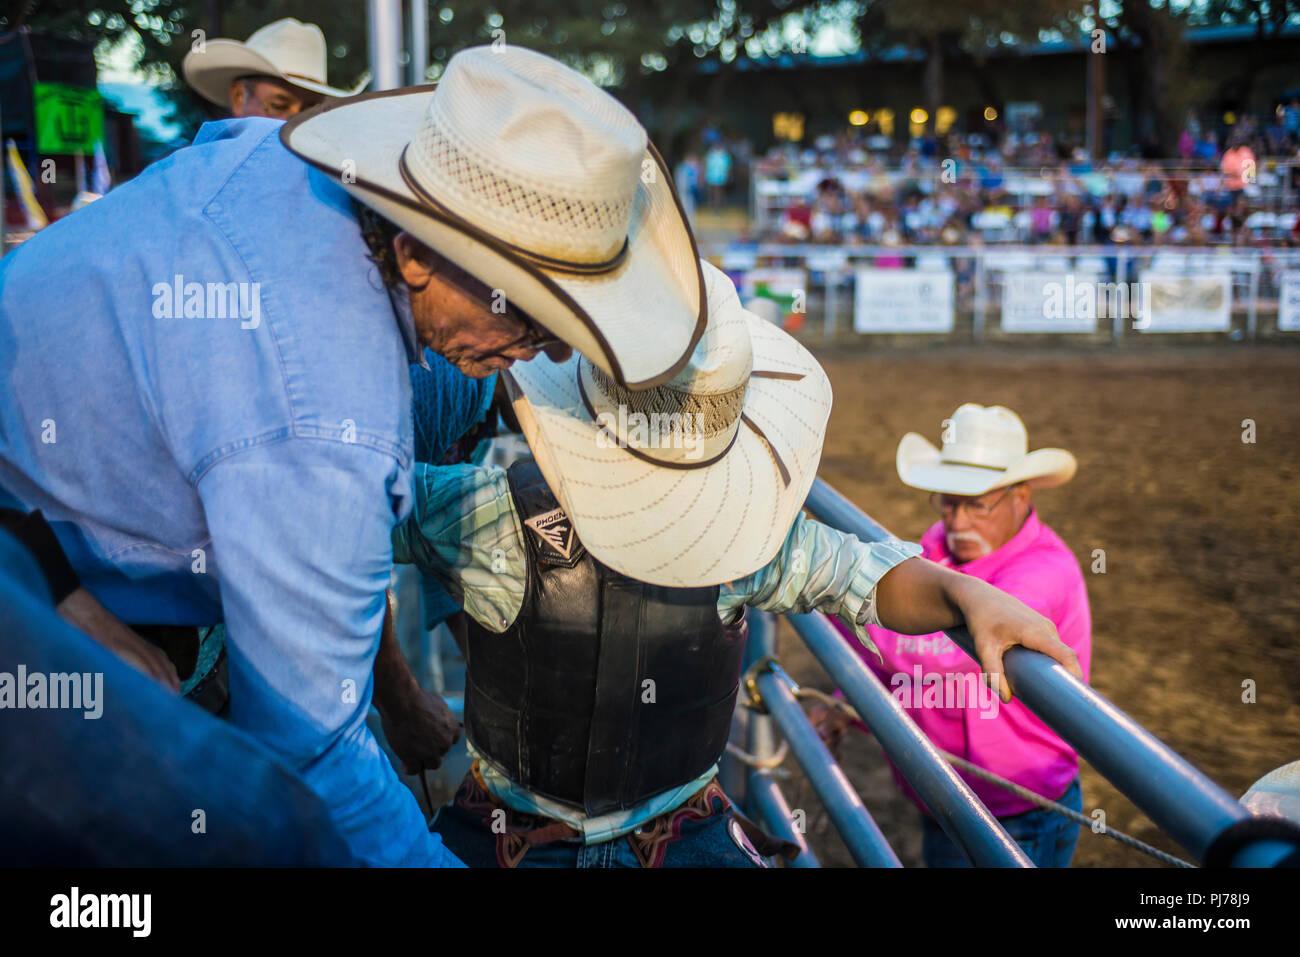 Cowboy Usa Stock Photos   Cowboy Usa Stock Images - Alamy 15f782c96c3